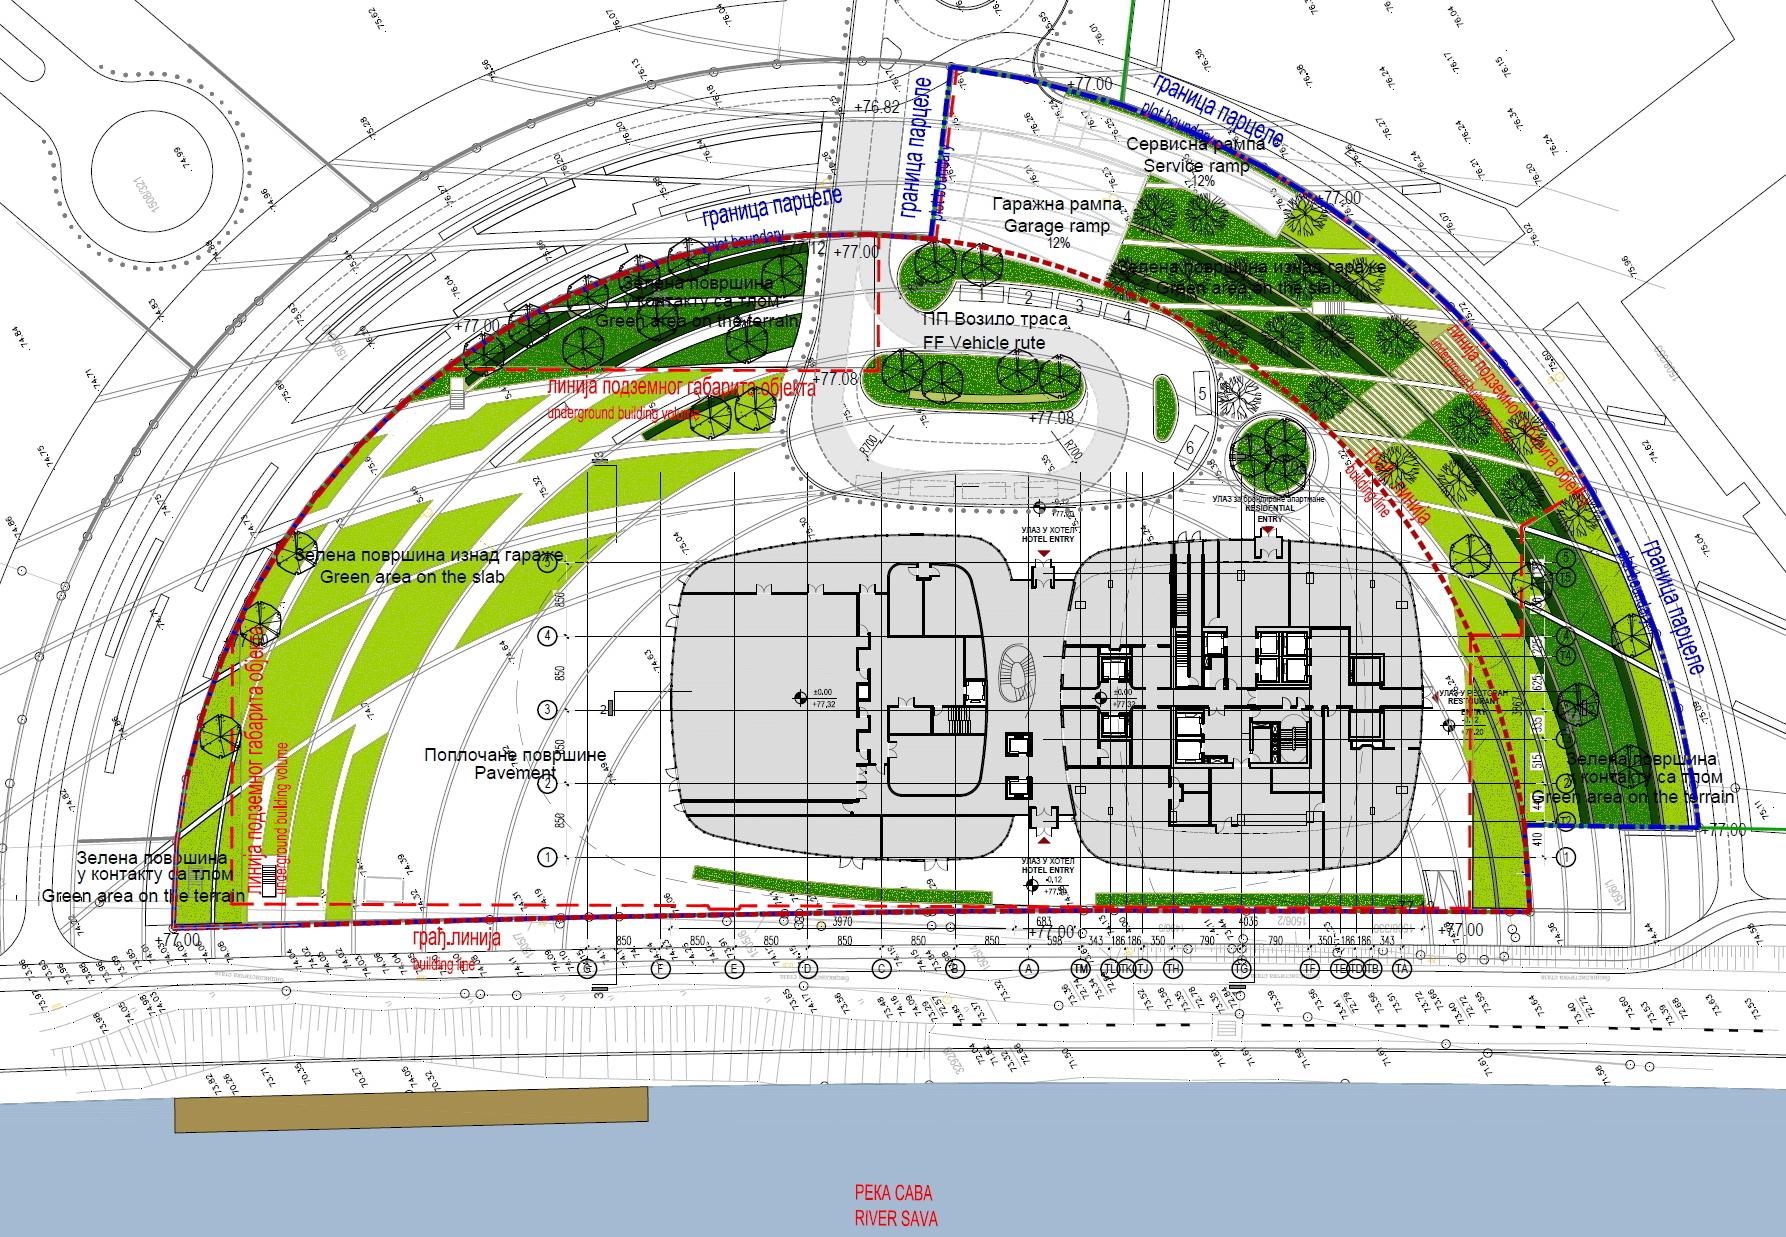 mapa beograda b92 Sve što niste znali o Kuli Beograd/FOTO   B92.net mapa beograda b92